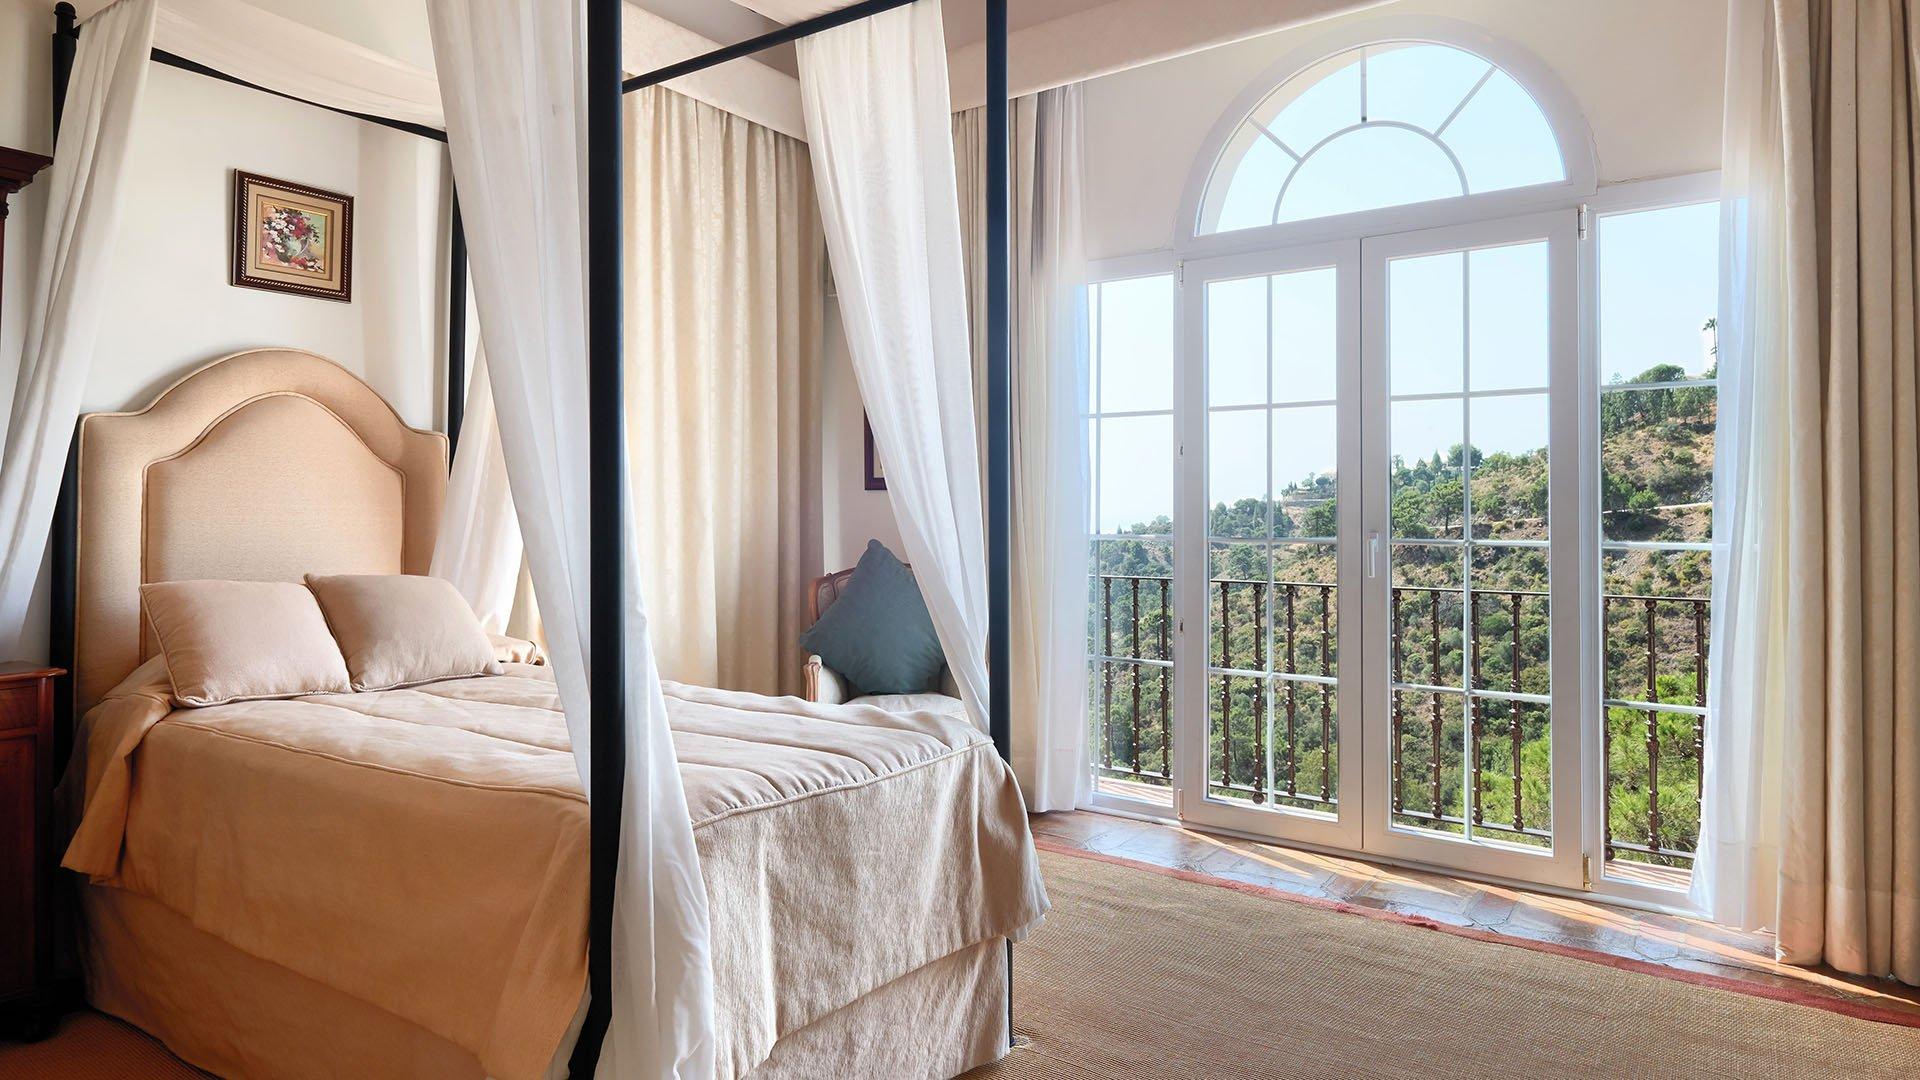 Casa Rosa: Traditional luxury villa in El Madroñal